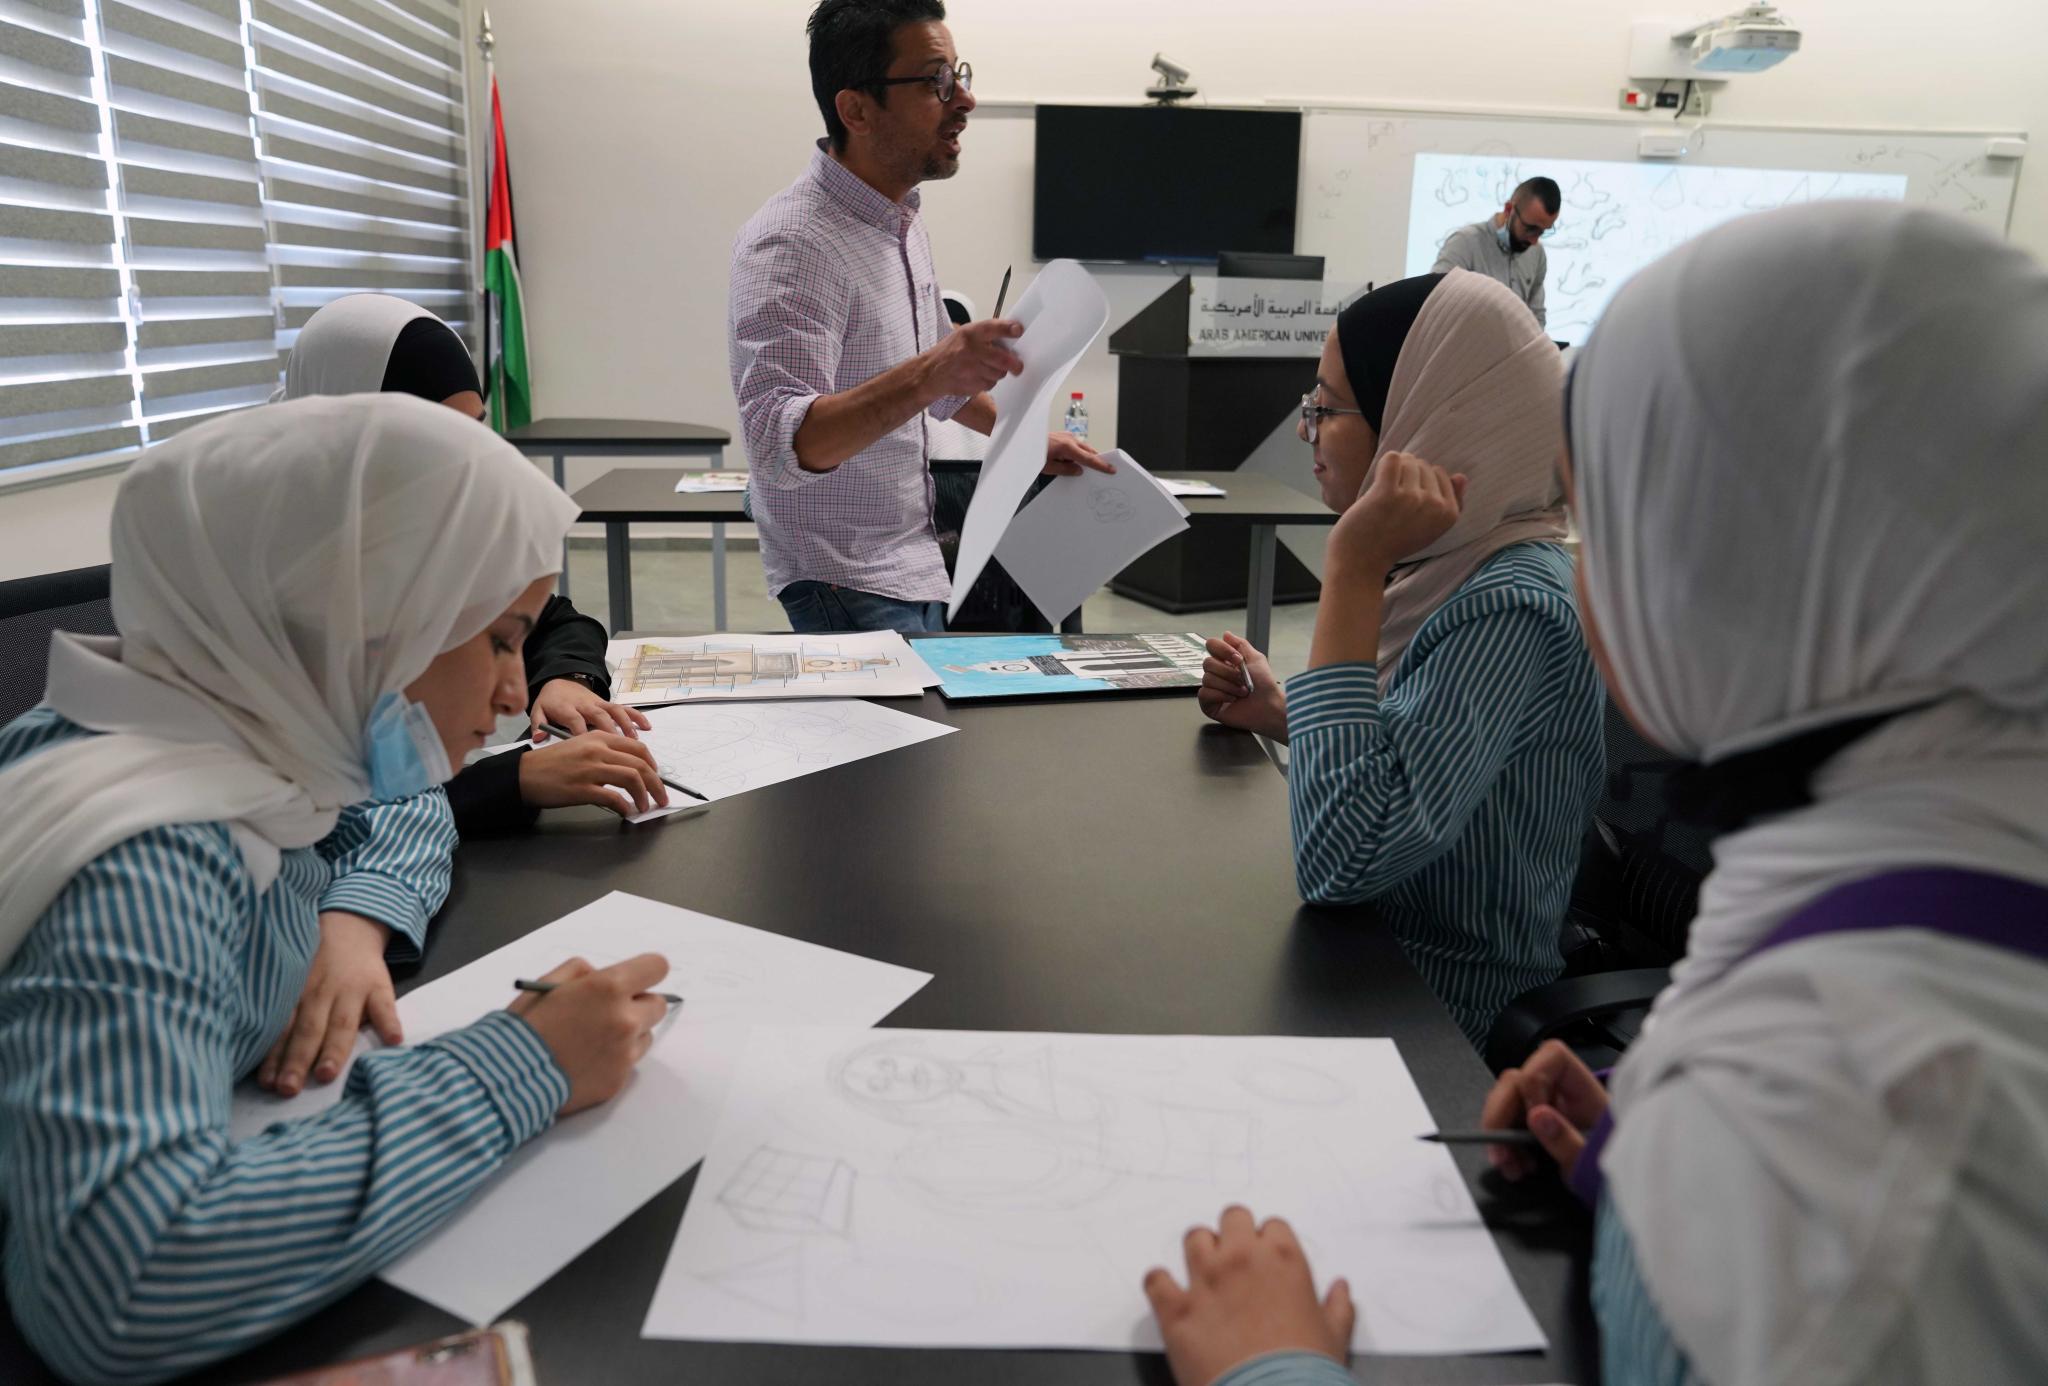 الجامعة تنظم ورشتا عمل لطلبة المدارس حول القصص المصورة والكتابة الإبداعية بالشراكة مع وزارة التربية والتعليم